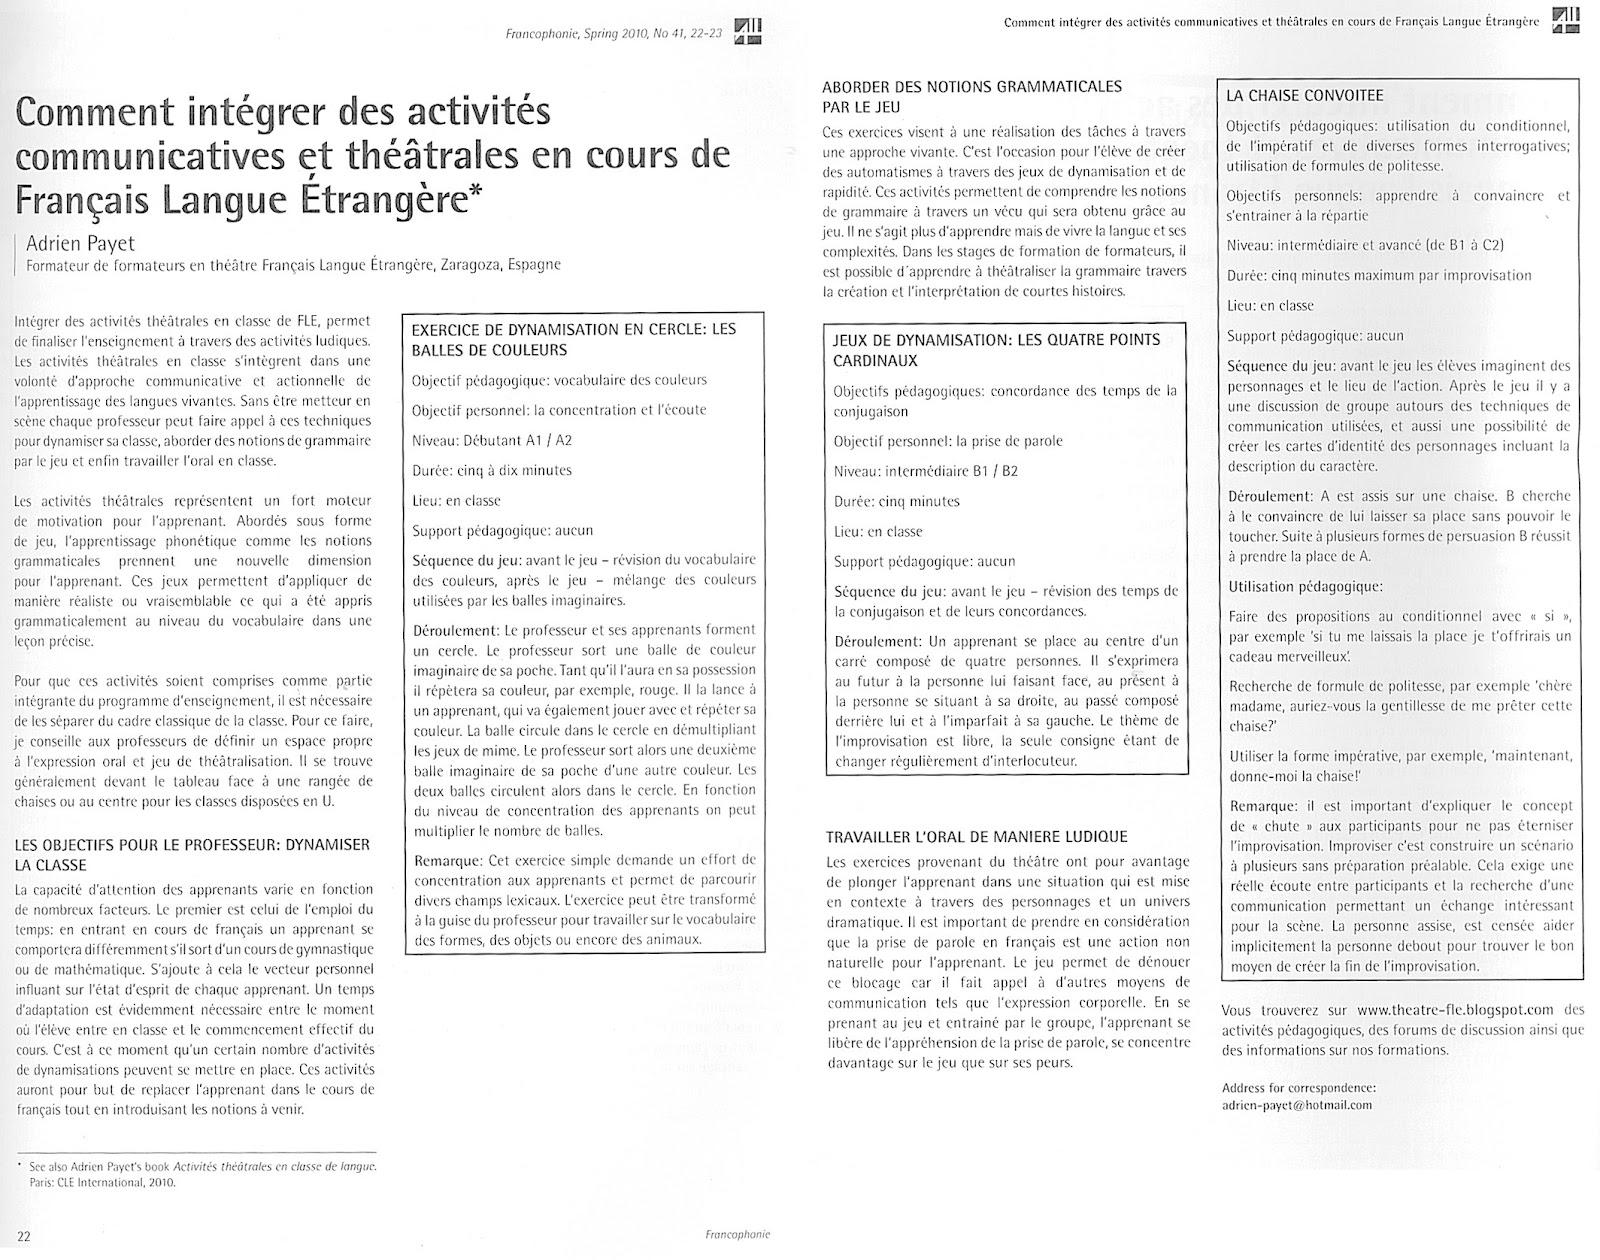 Fabulous Idées d'activités pour la classe de FLE Fiches pédagogiques ZC27